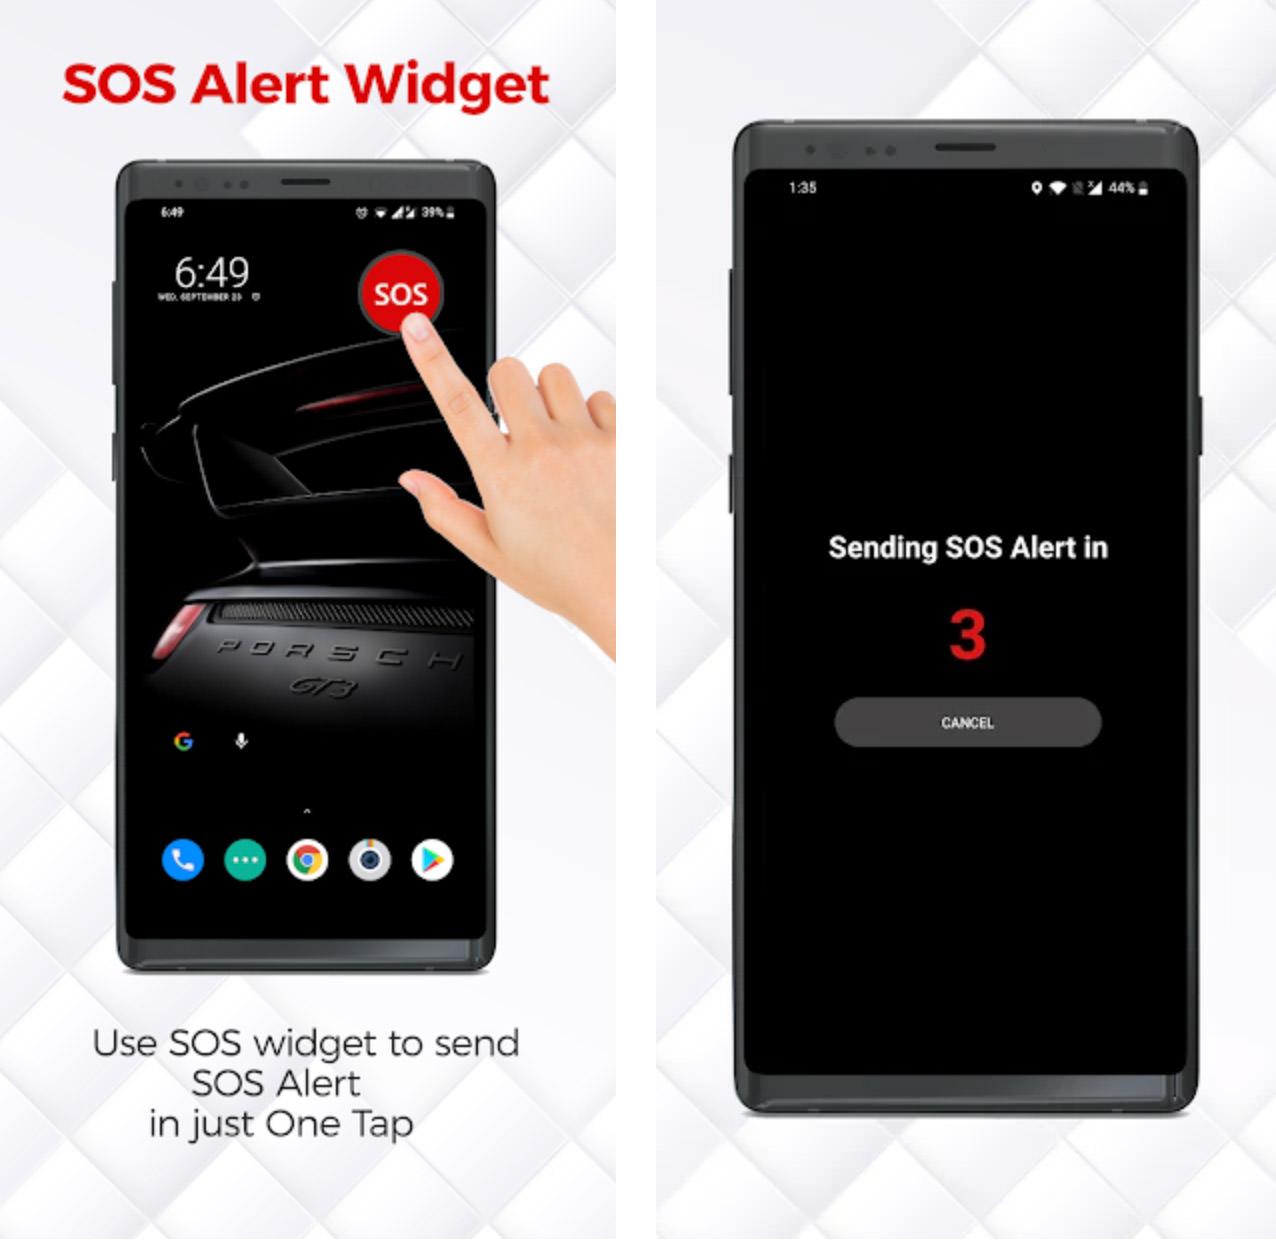 SOS Alert